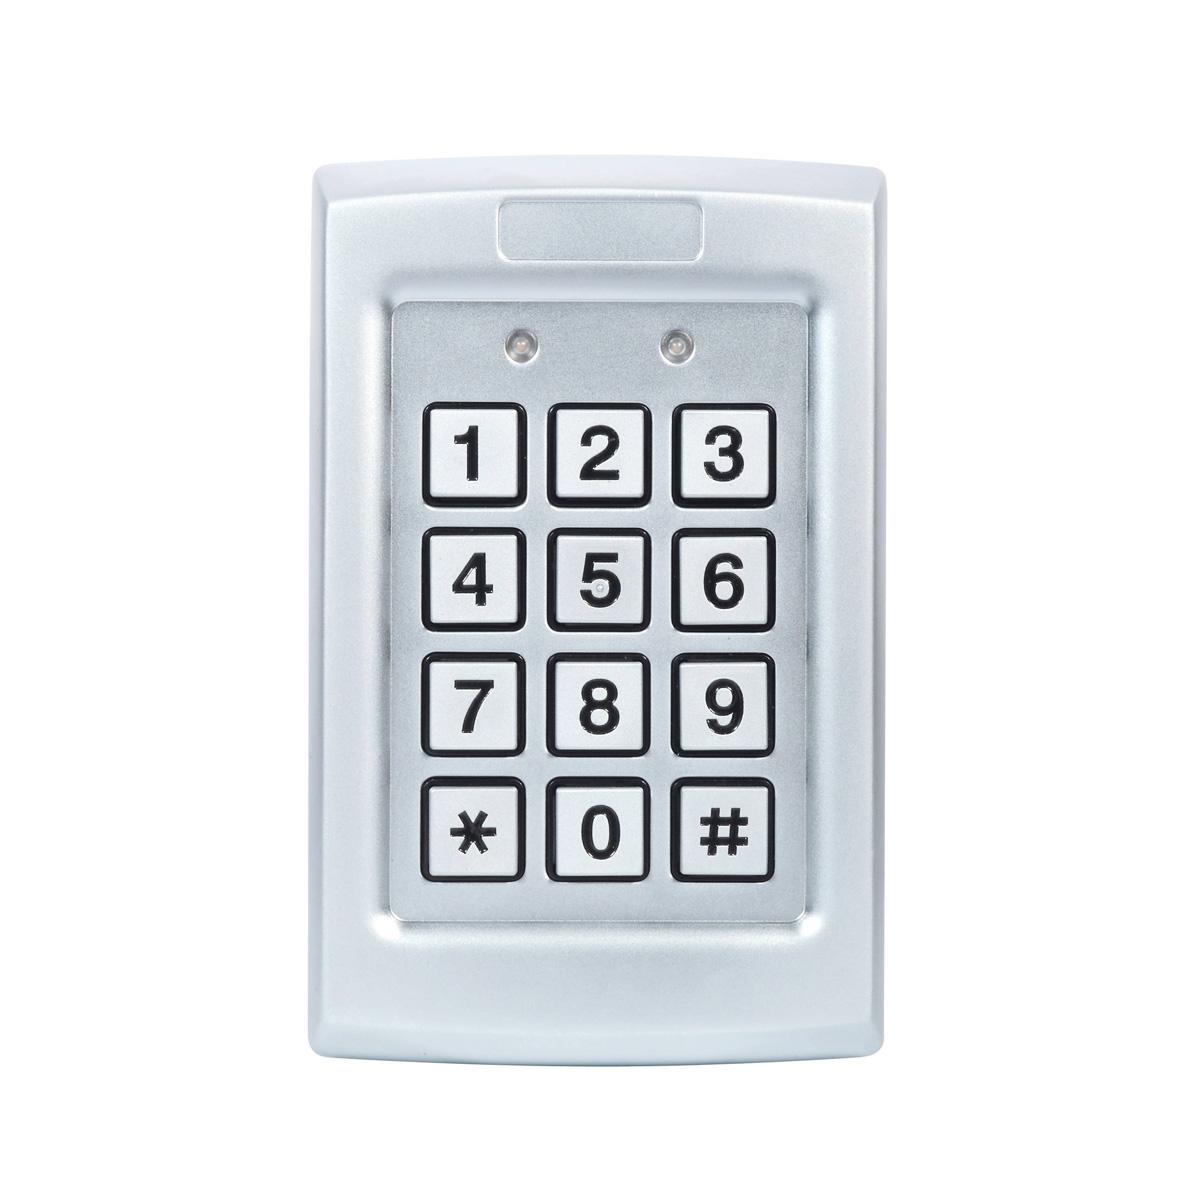 CONAC-365 | Tastiera controllo accessi convertibile (Autonomo/Wiegand 26bit)